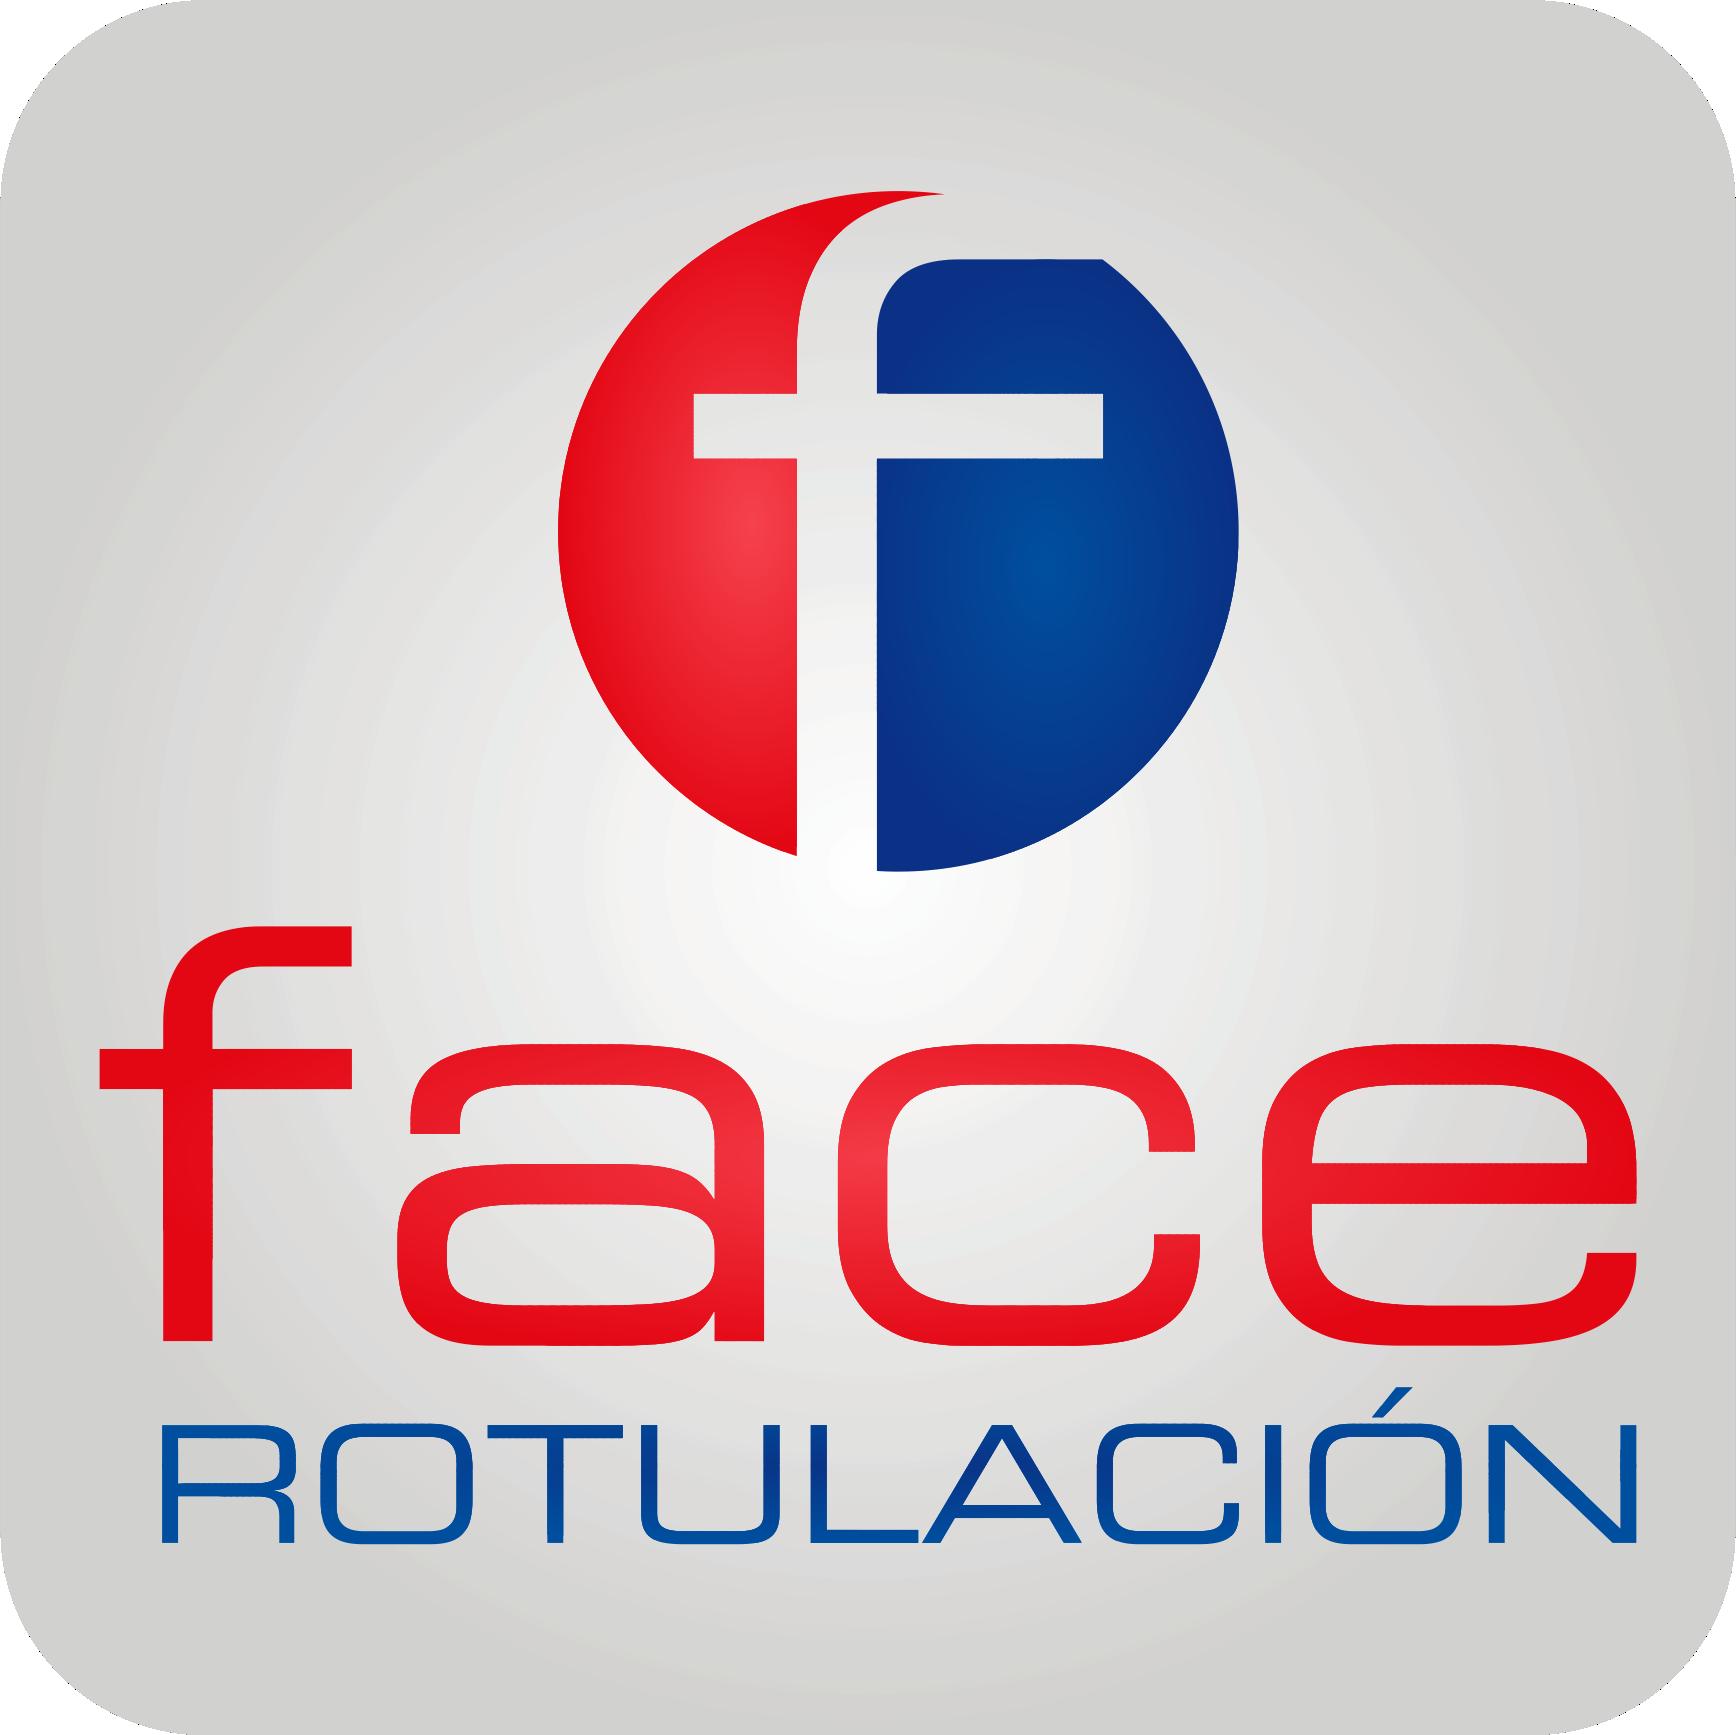 Logo Face Rotulación